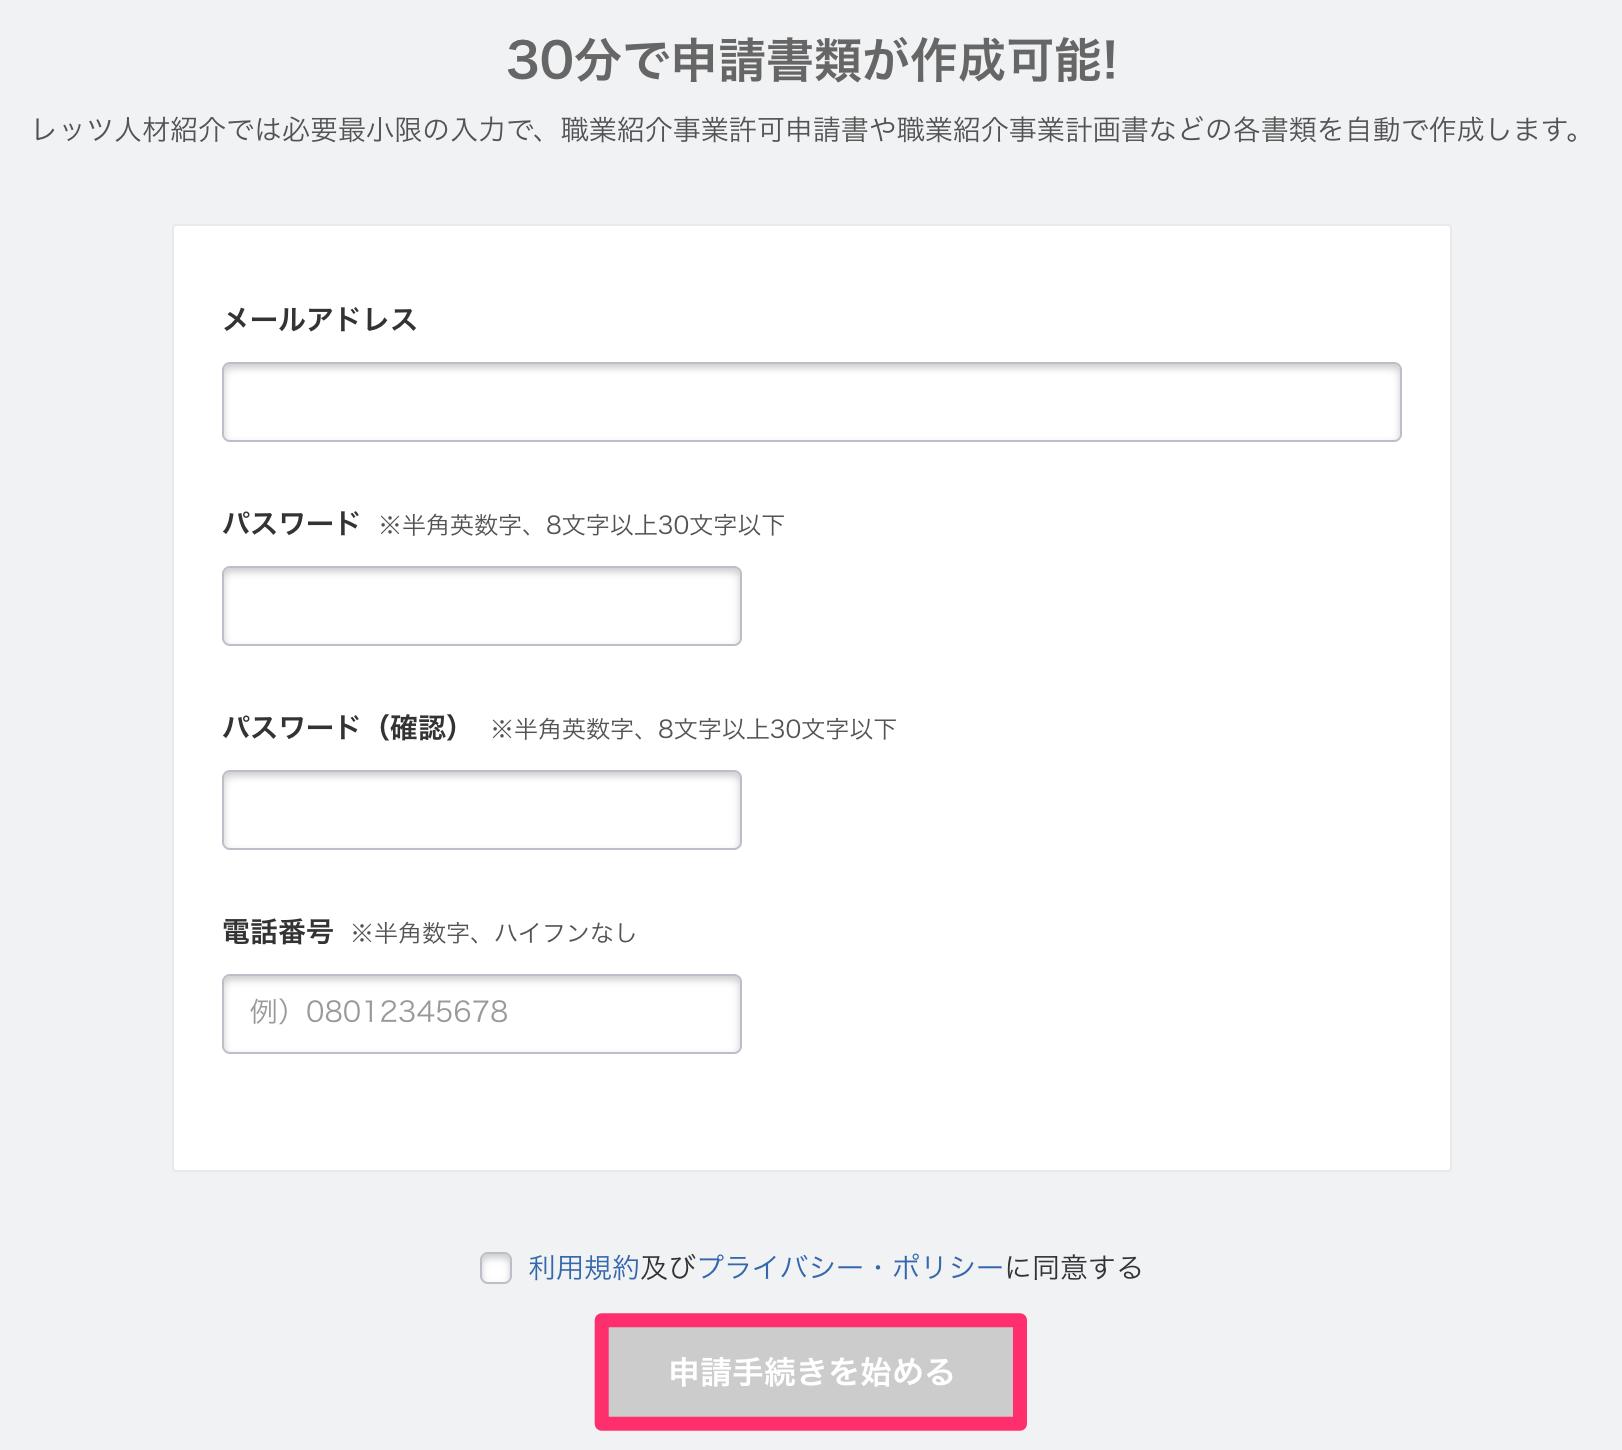 レッツ人材紹介 アカウント登録